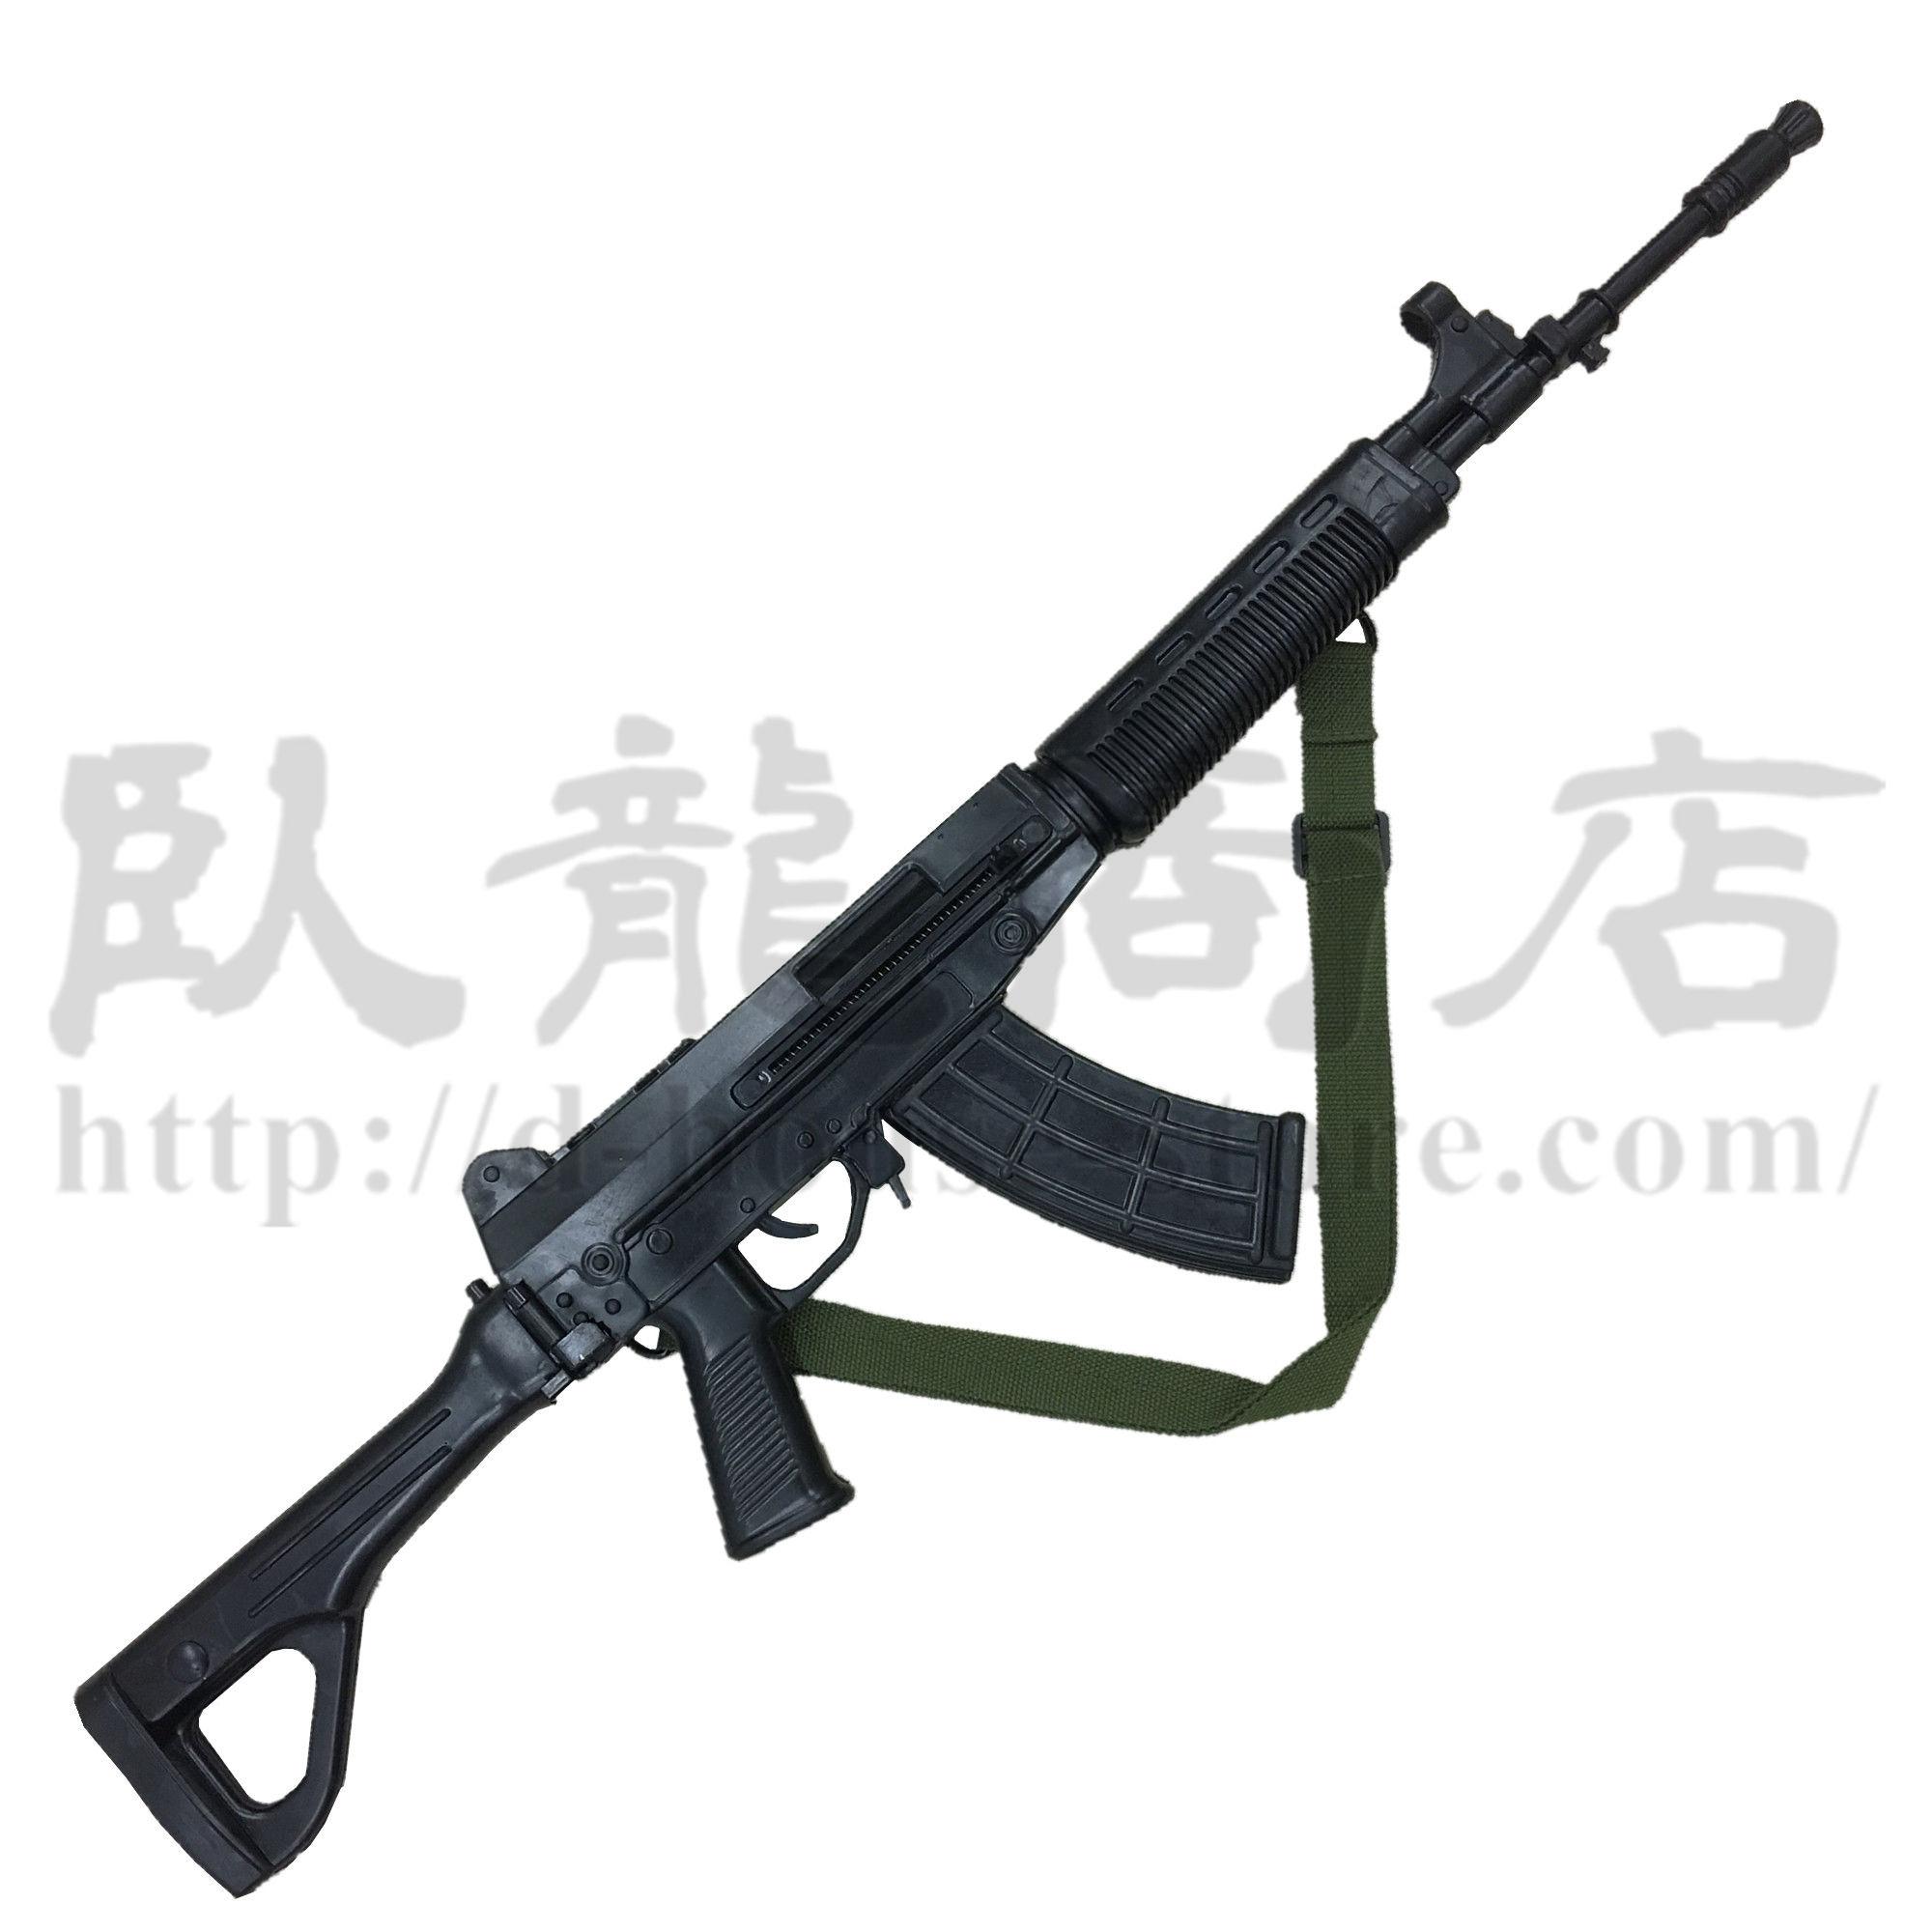 【訳あり品 1点のみ】人民解放軍 ダミーQBZー03式自動歩銃  訓練用ゴム製 ストック可動